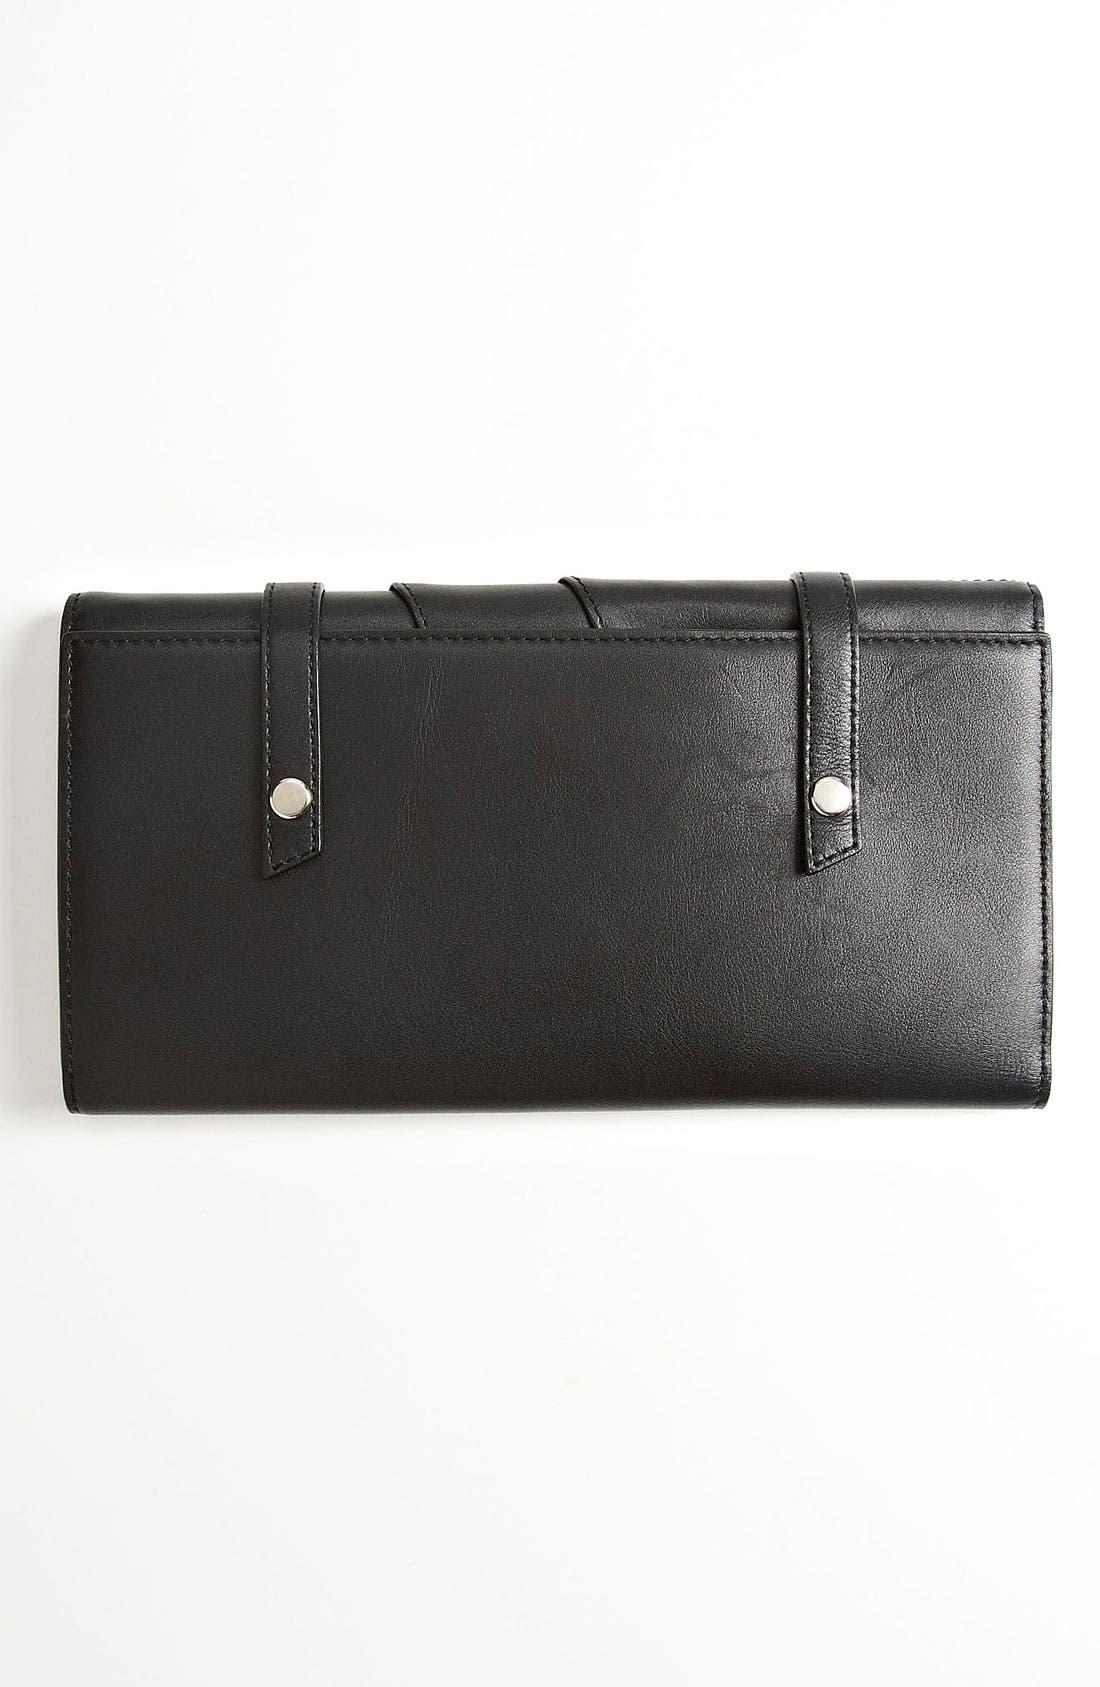 Alternate Image 1 Selected - WANT Les Essentiels de la Vie 'Manley' Tri-Fold Wallet